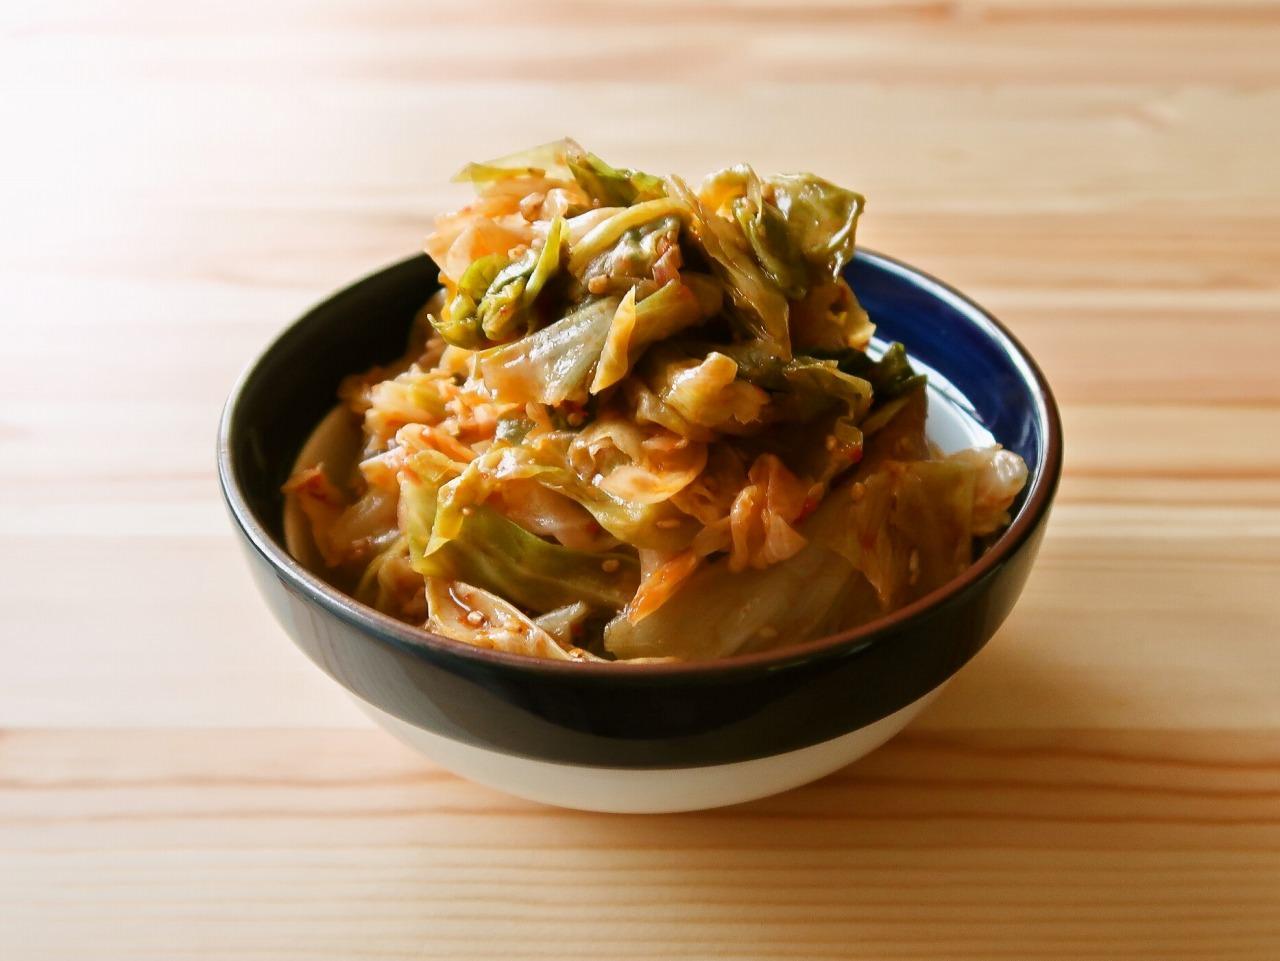 【野菜ひとつ】大量消費 ピリ辛キャベツ